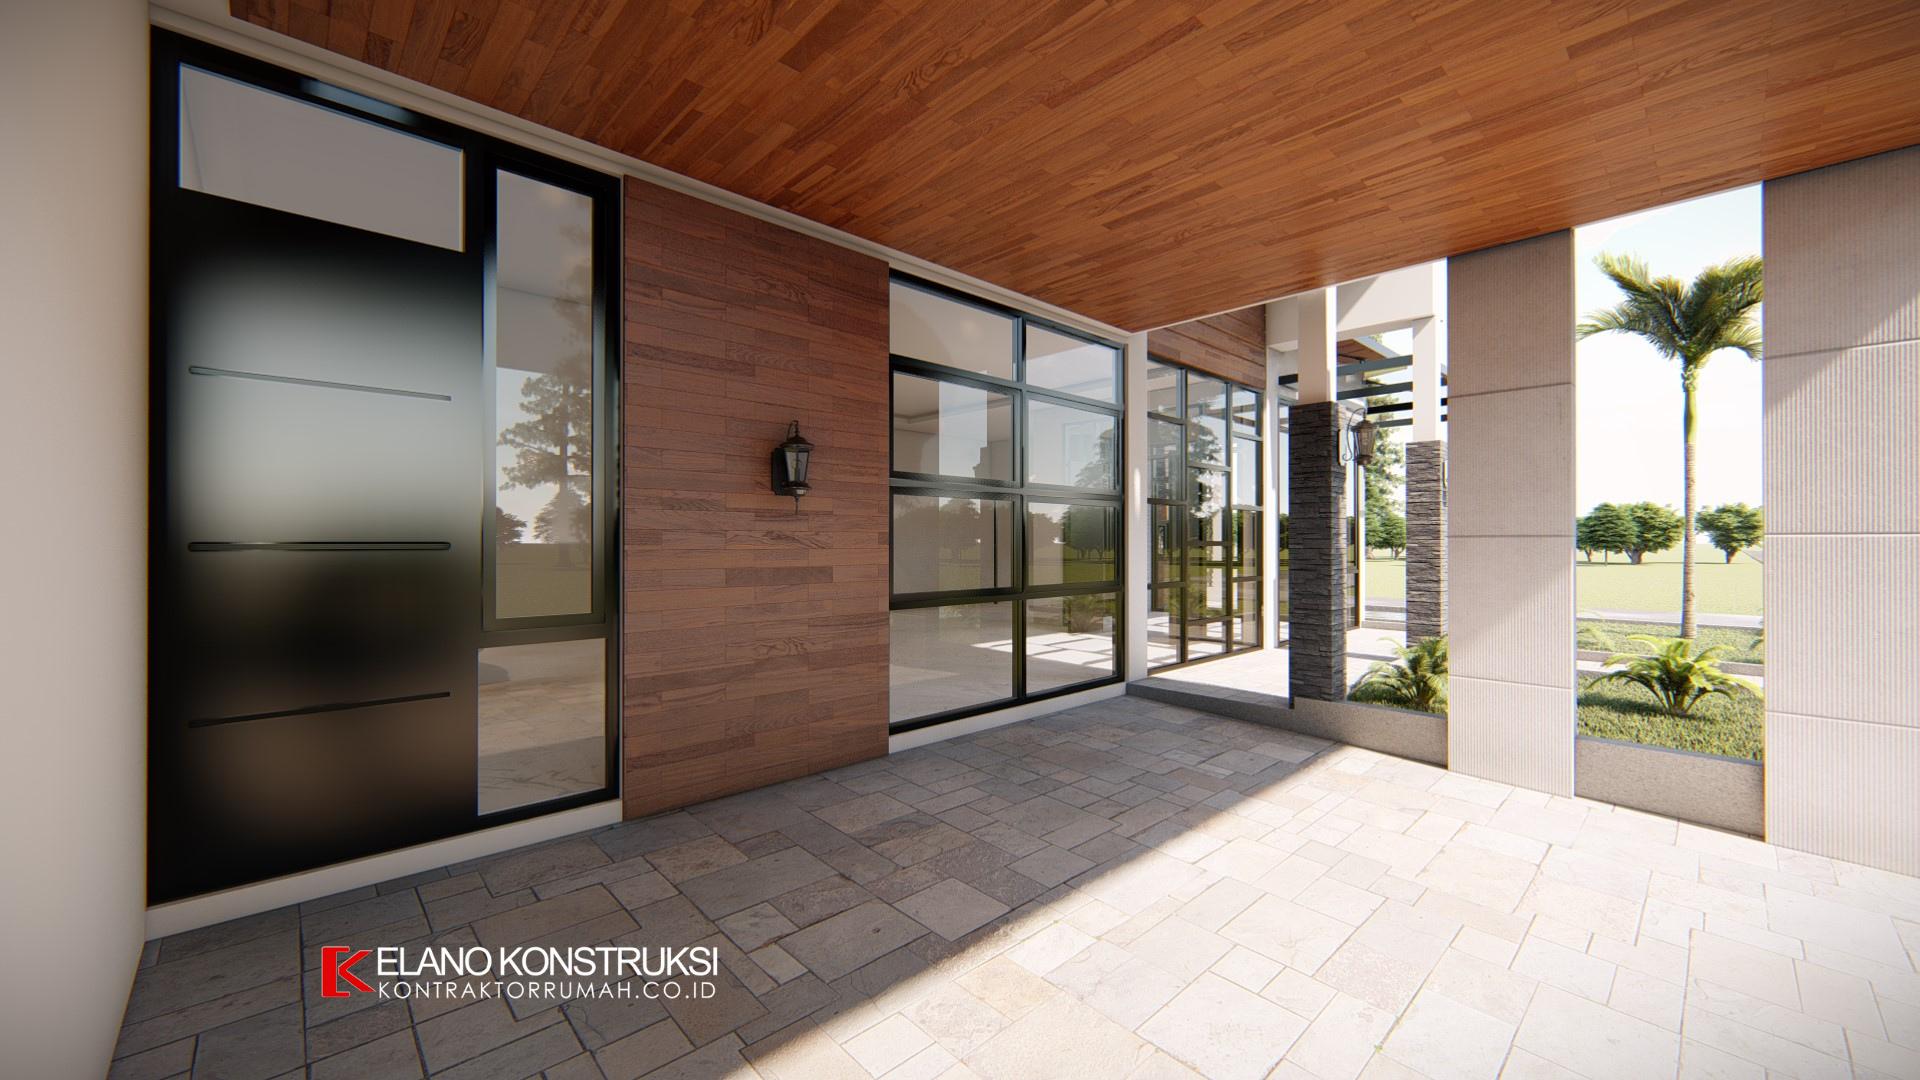 jasa kontraktor arsitek desain rumah 5